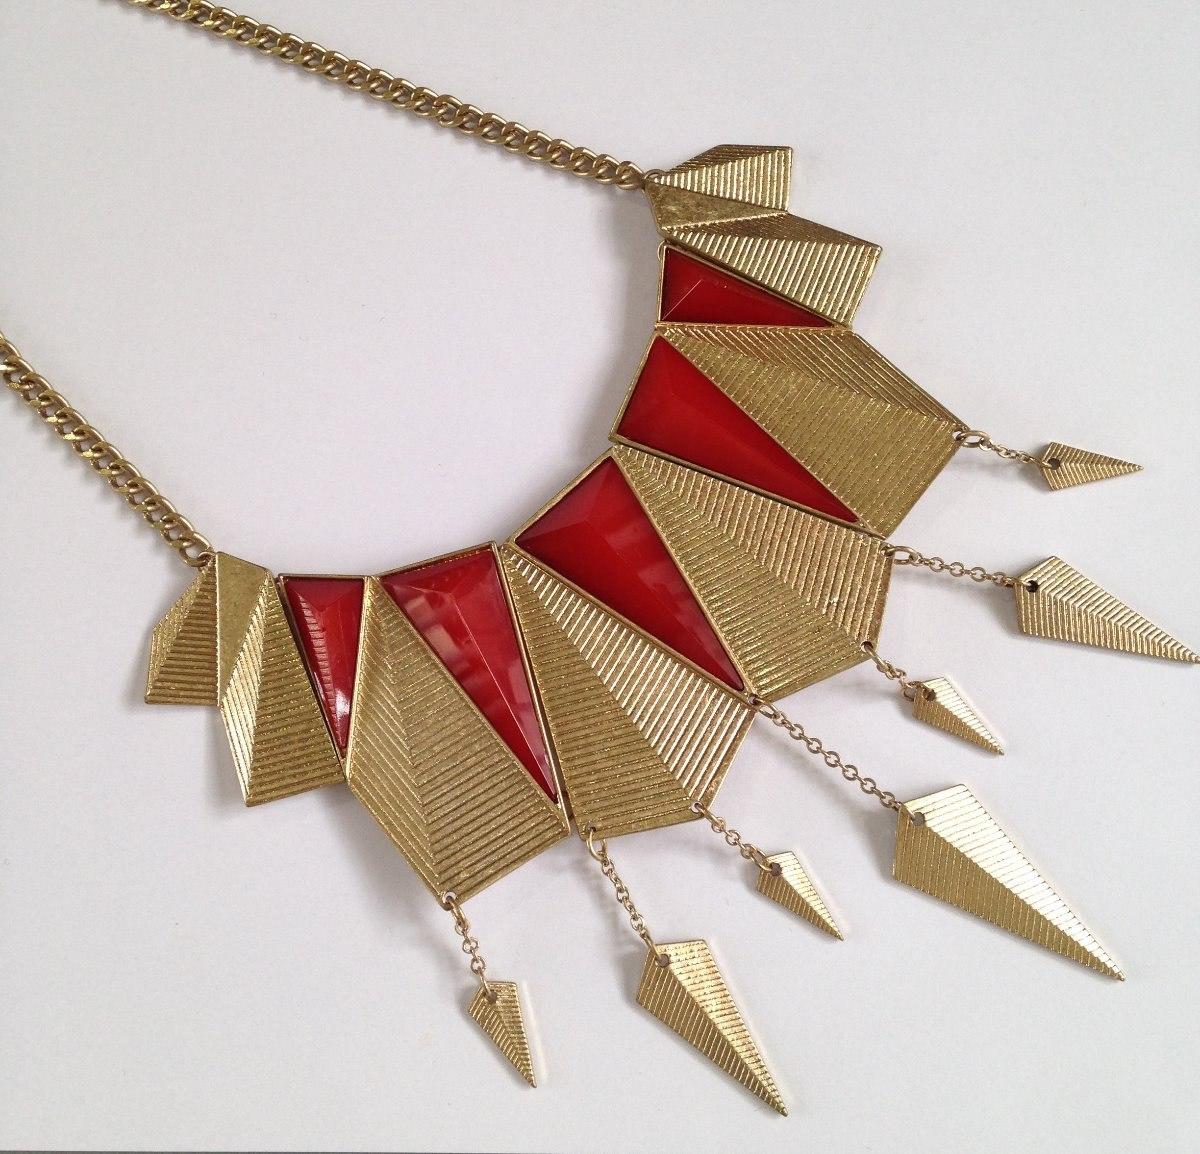 5117832c4878 Collar De Bisuteria Fina Color Rojo Con Dorado -   115.00 en Mercado ...